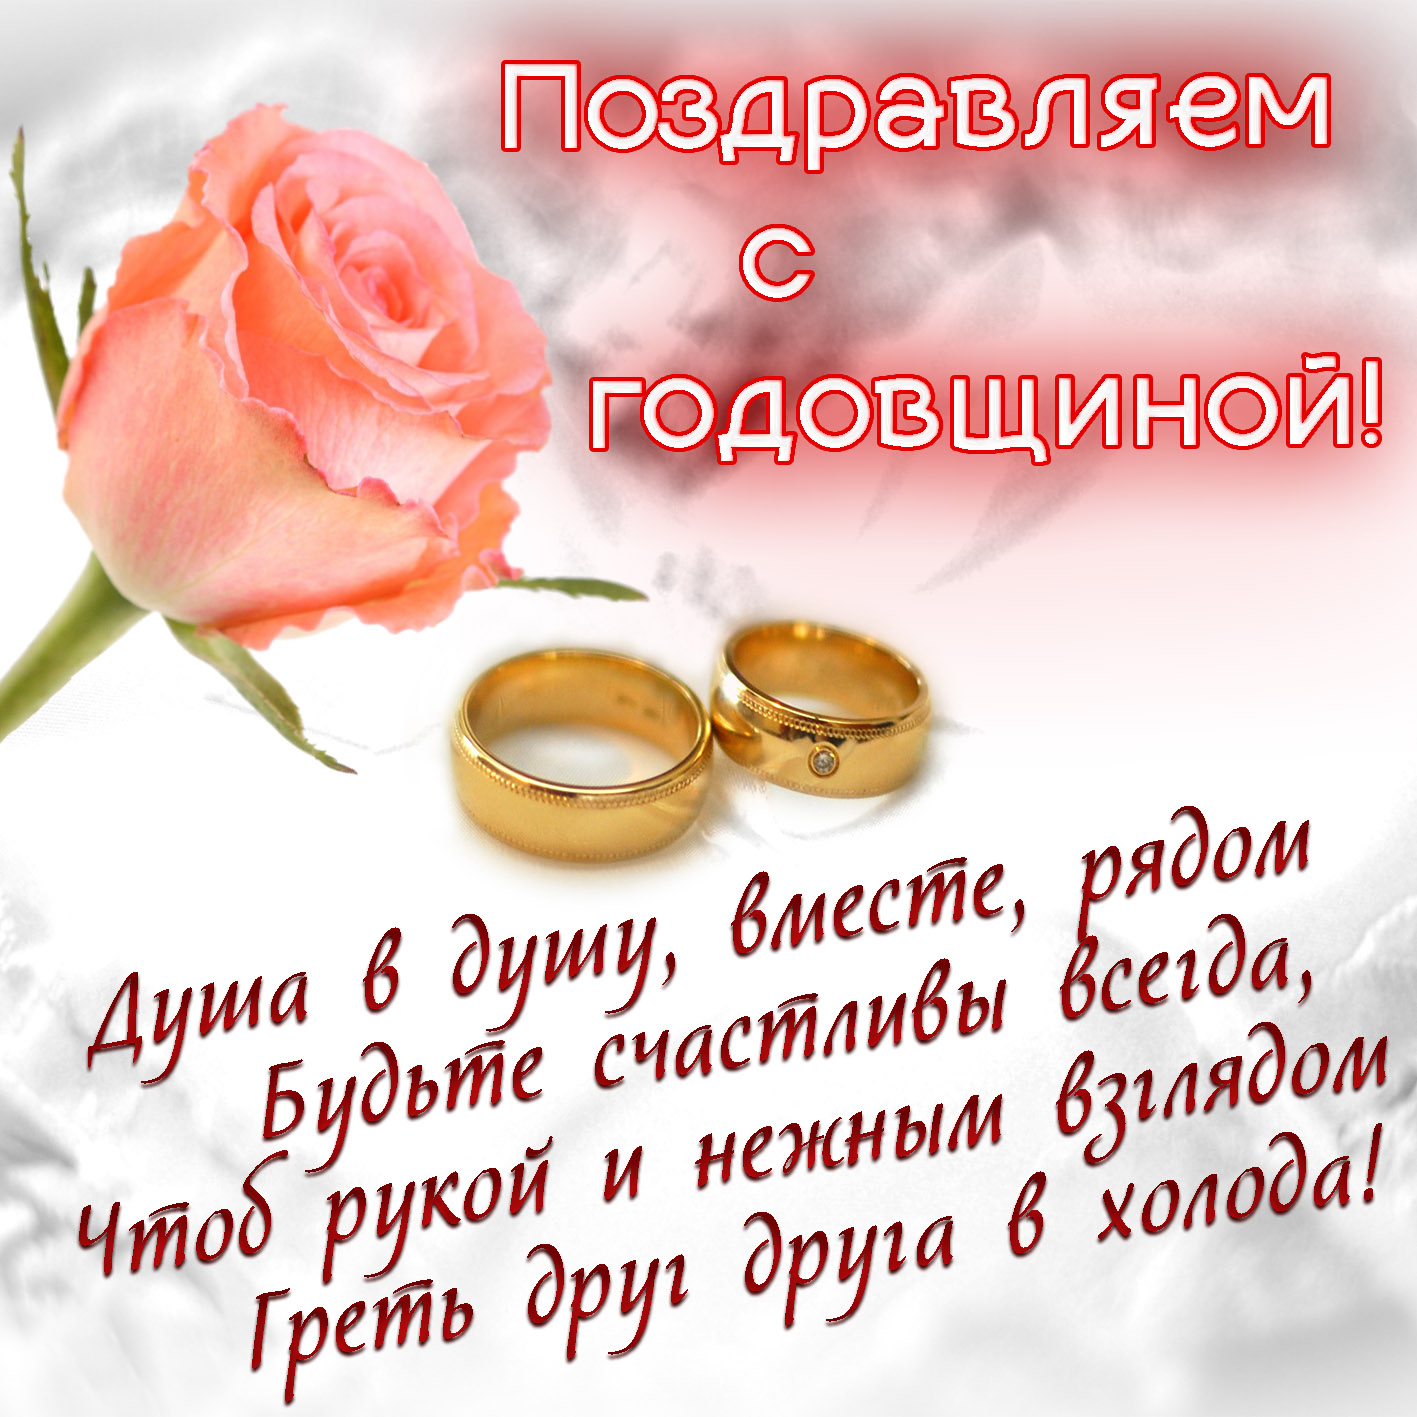 Поздравления к 36 летию свадьбы